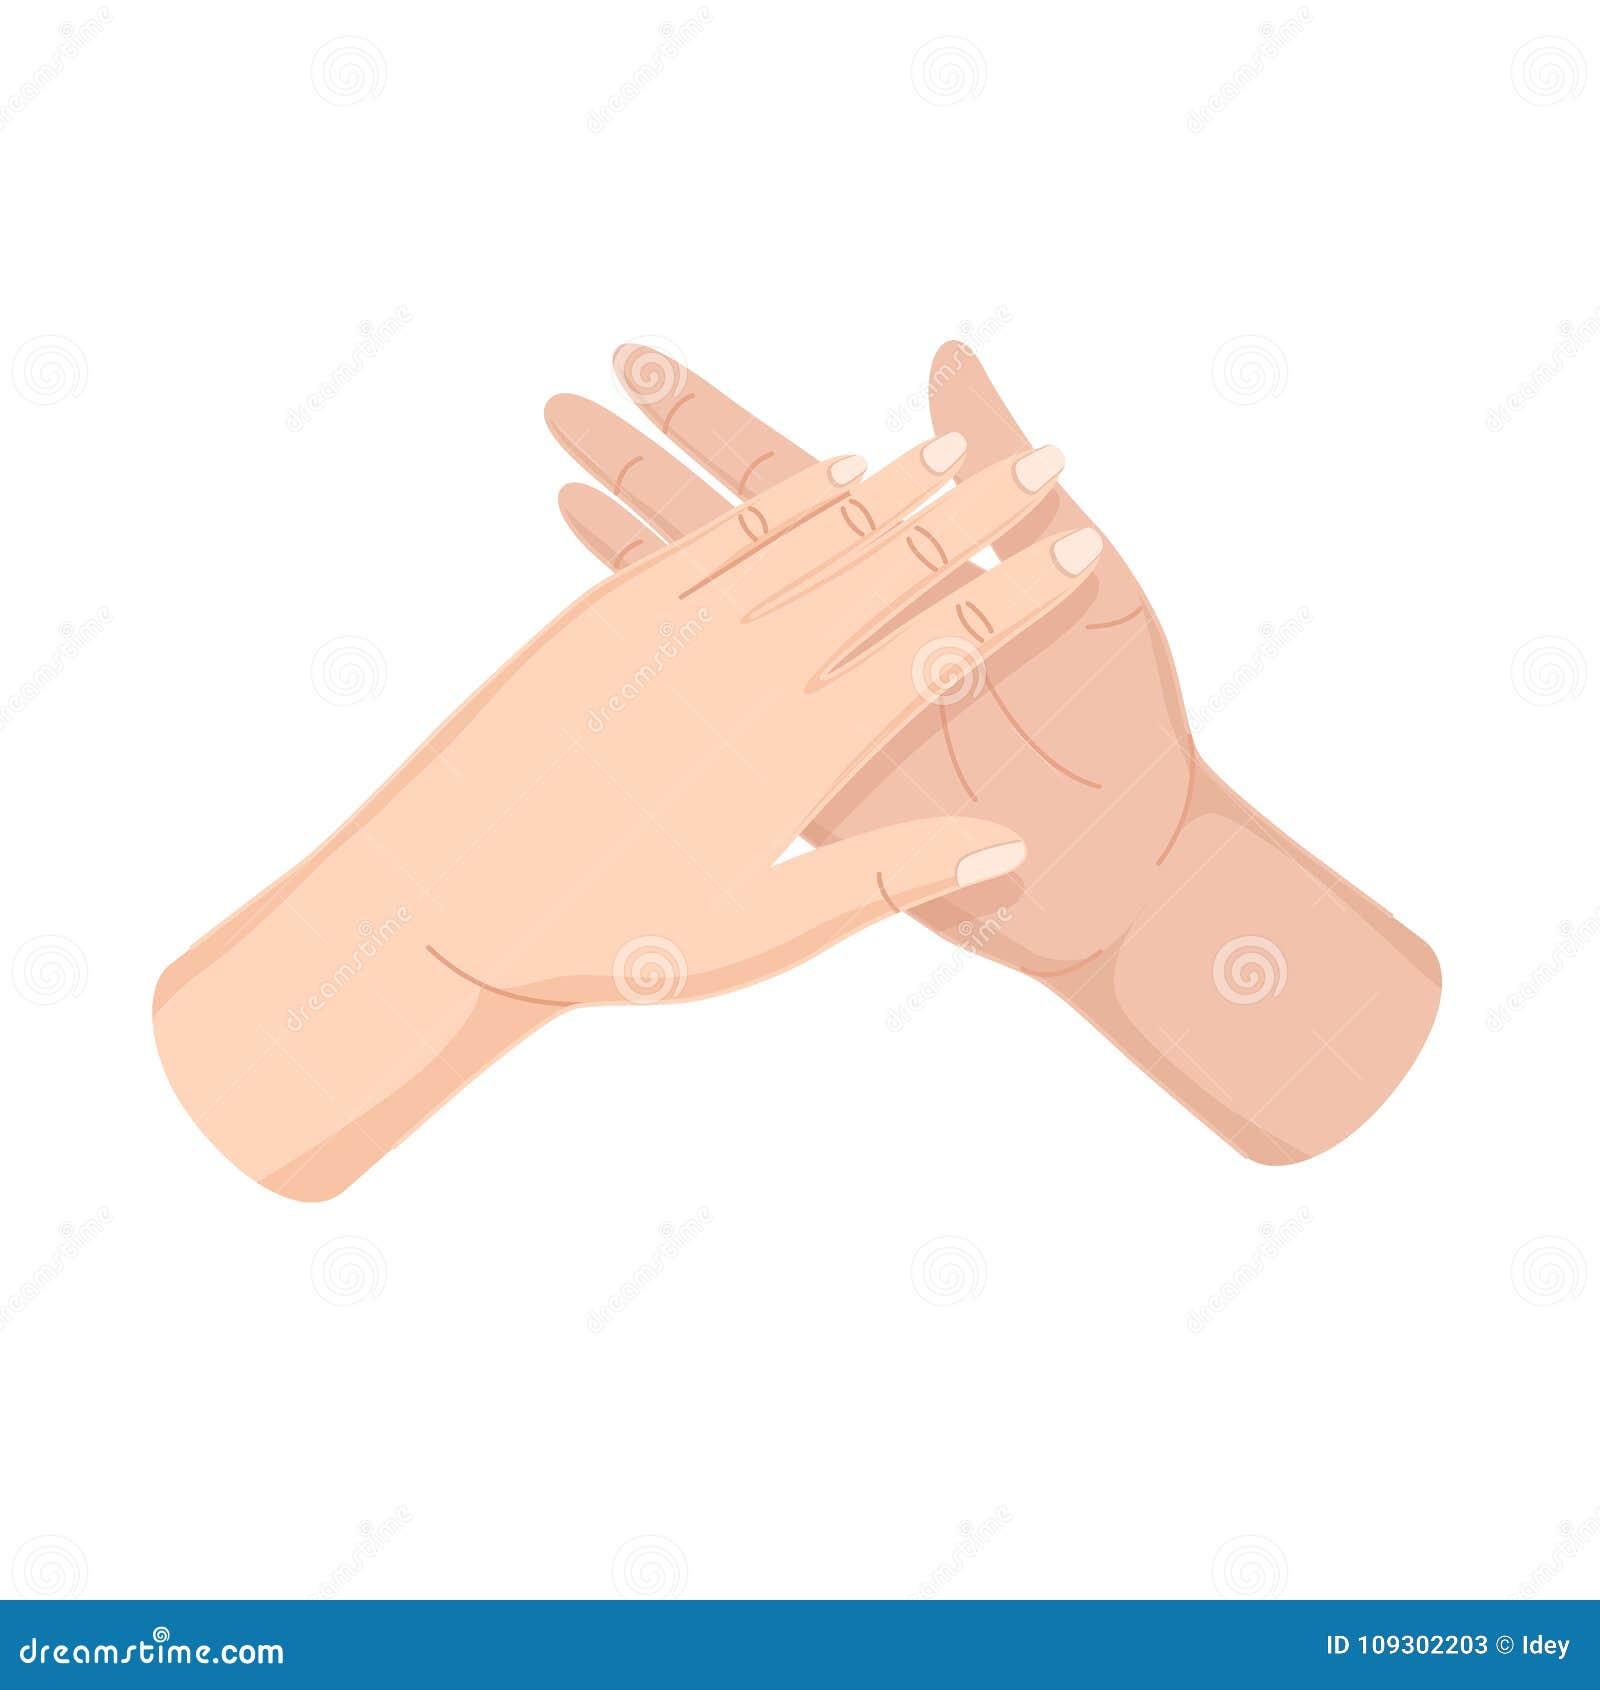 Riktig förehavanden, när tvätta hand- och fingervatten, sanitär hygien